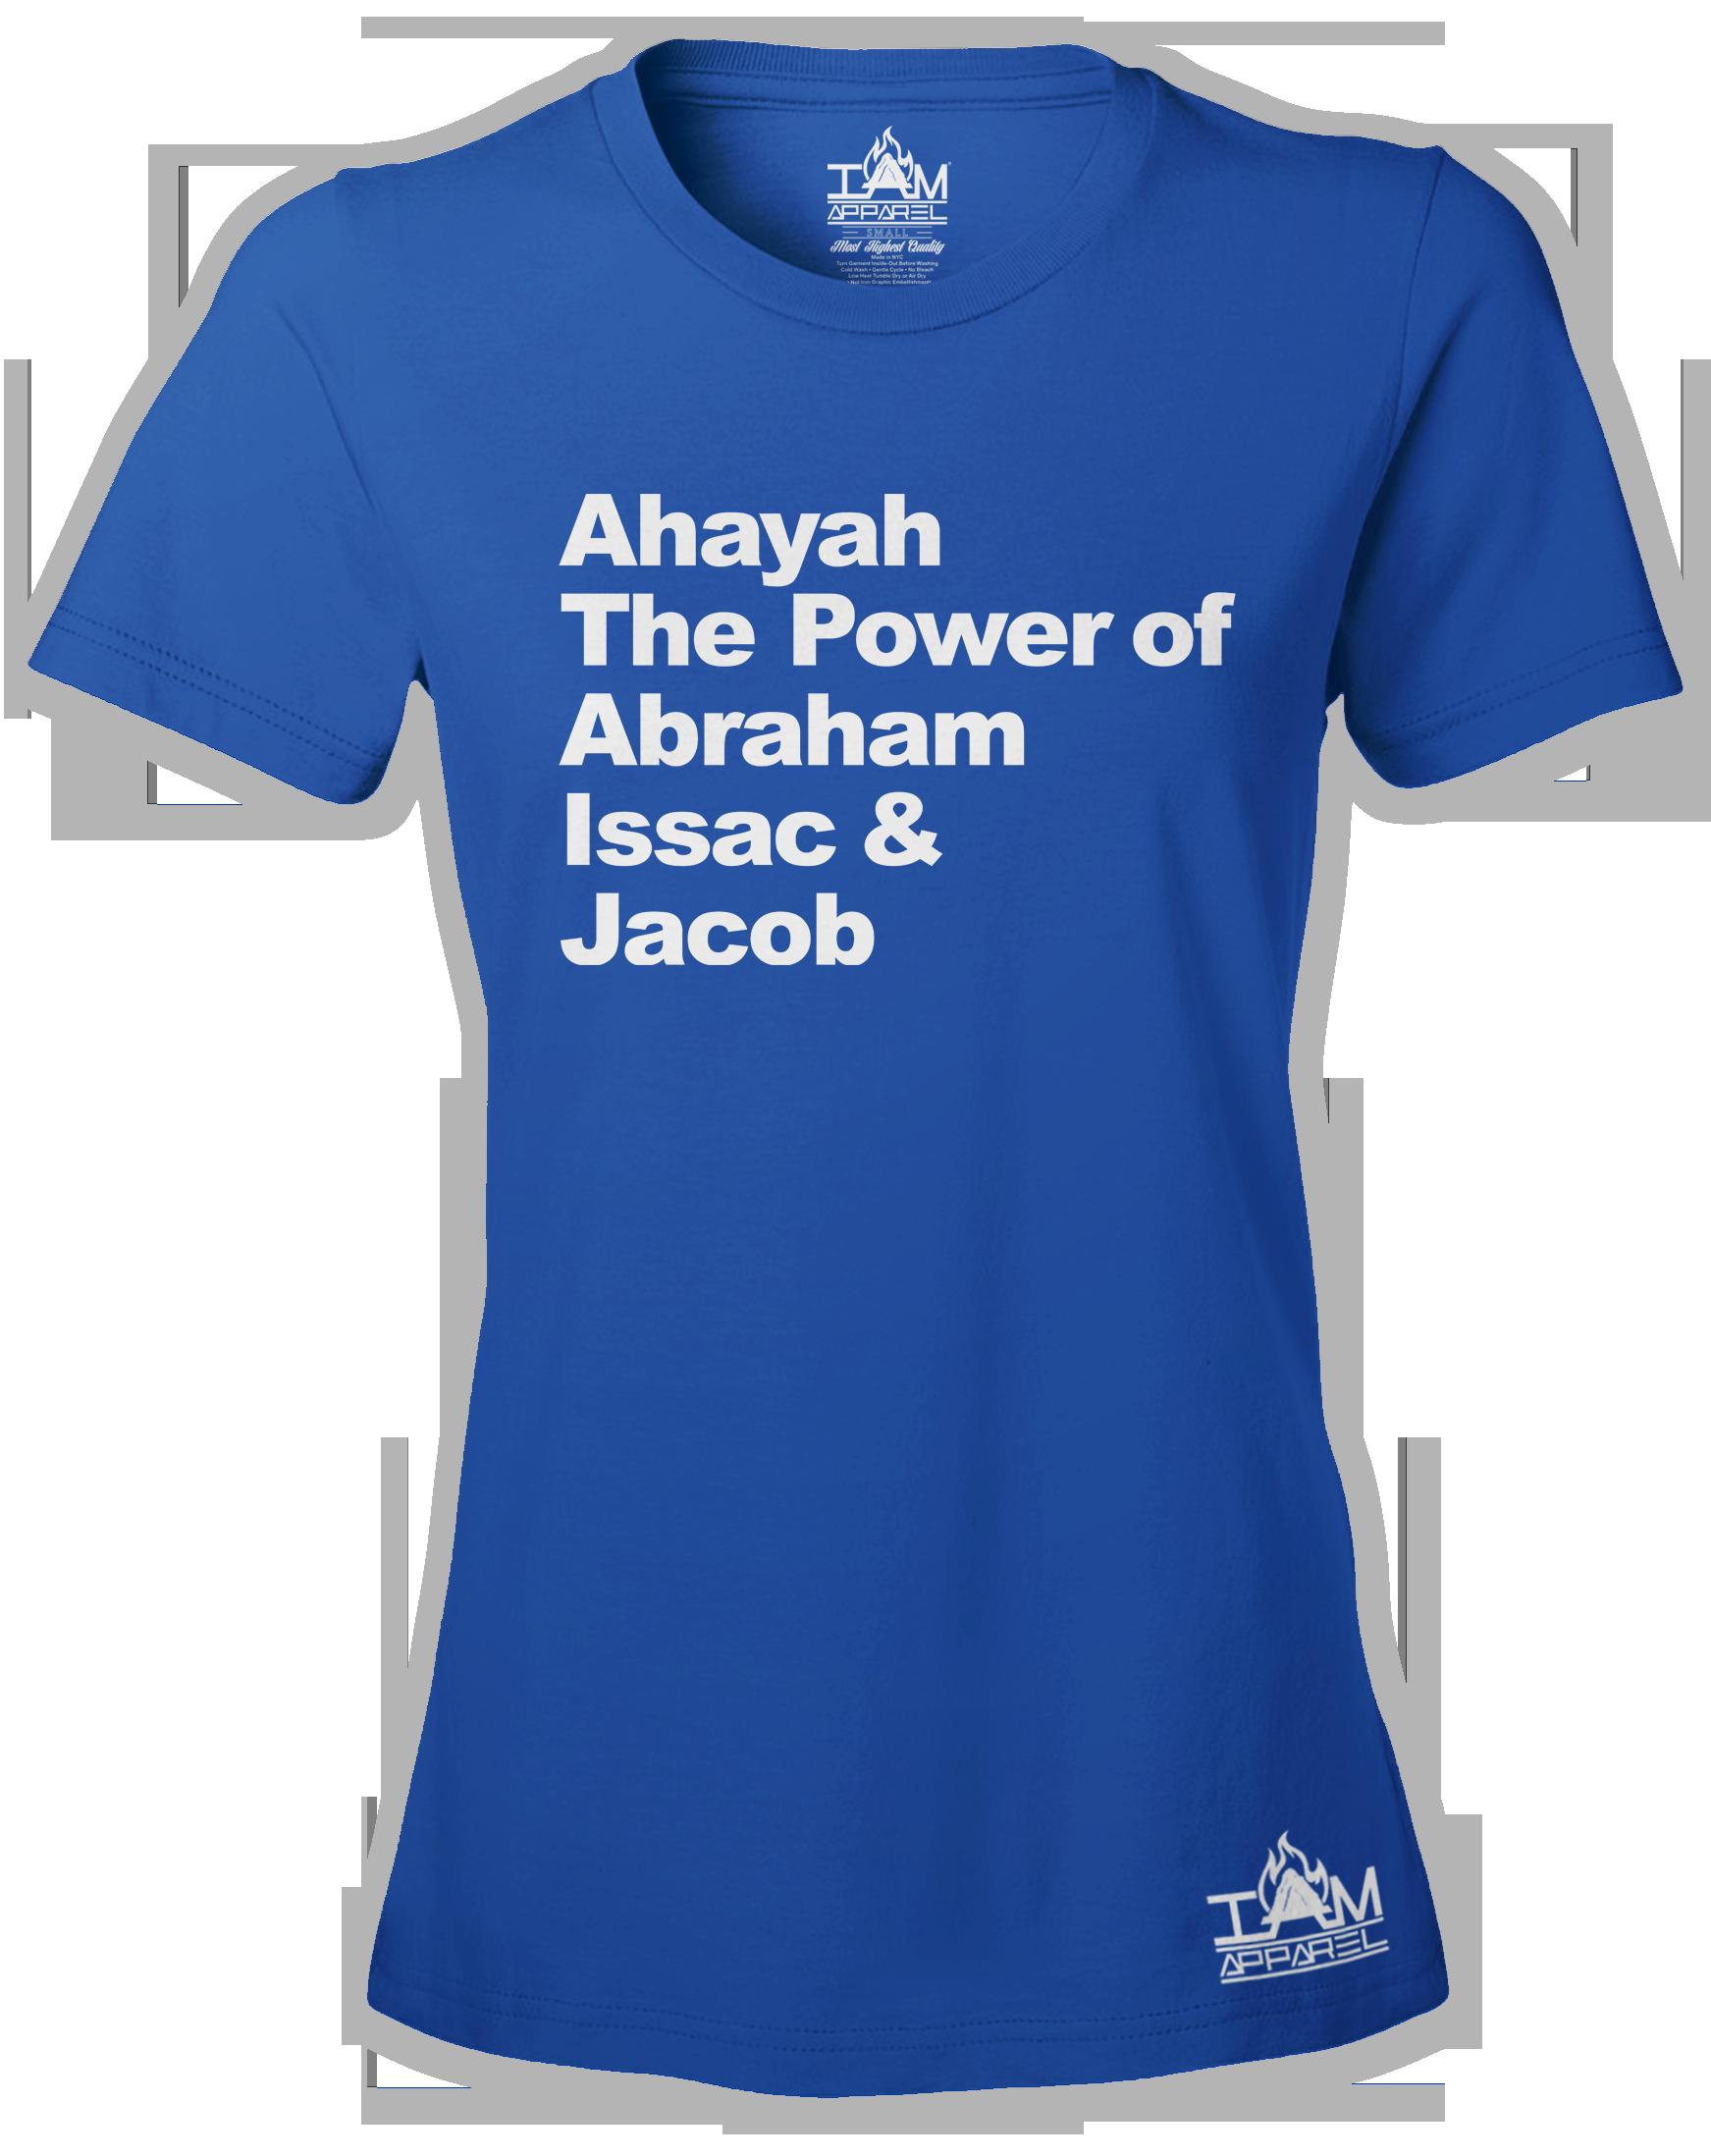 Women's Most High Power Text Short Sleeved T-shirt 00143